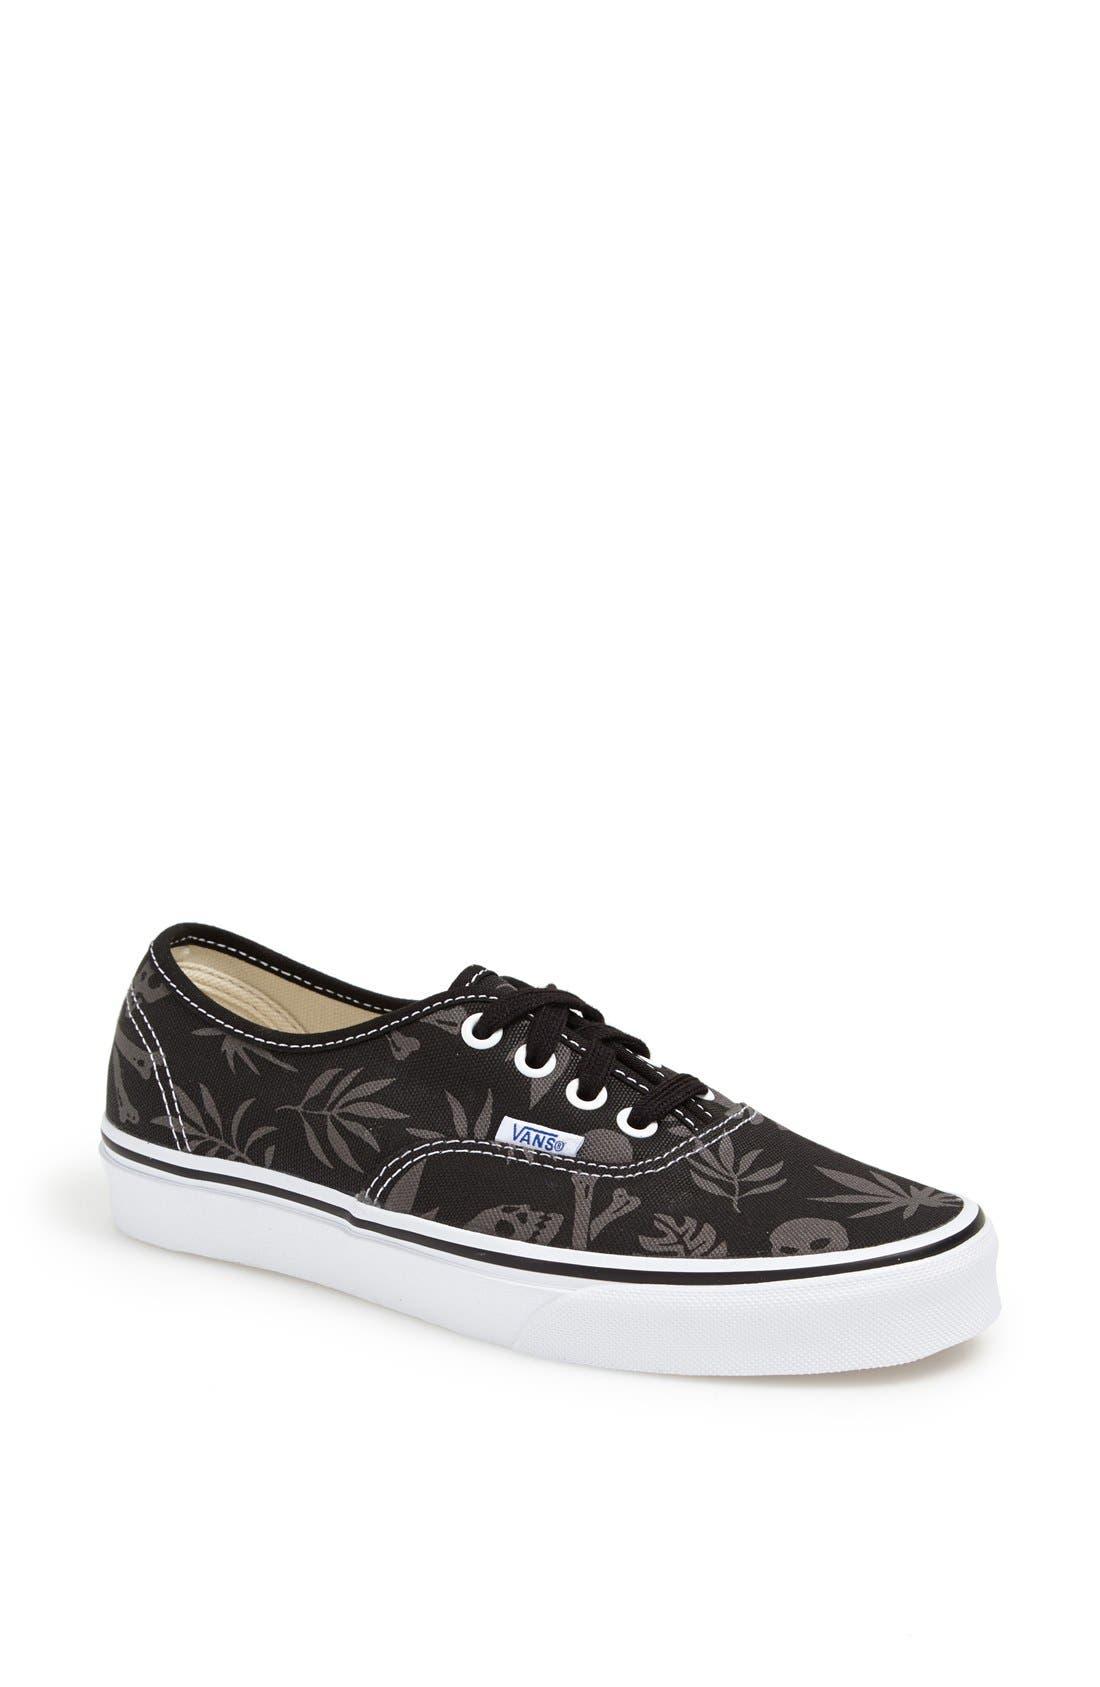 Main Image - Vans 'Van Doren - Authentic' Sneaker (Women)